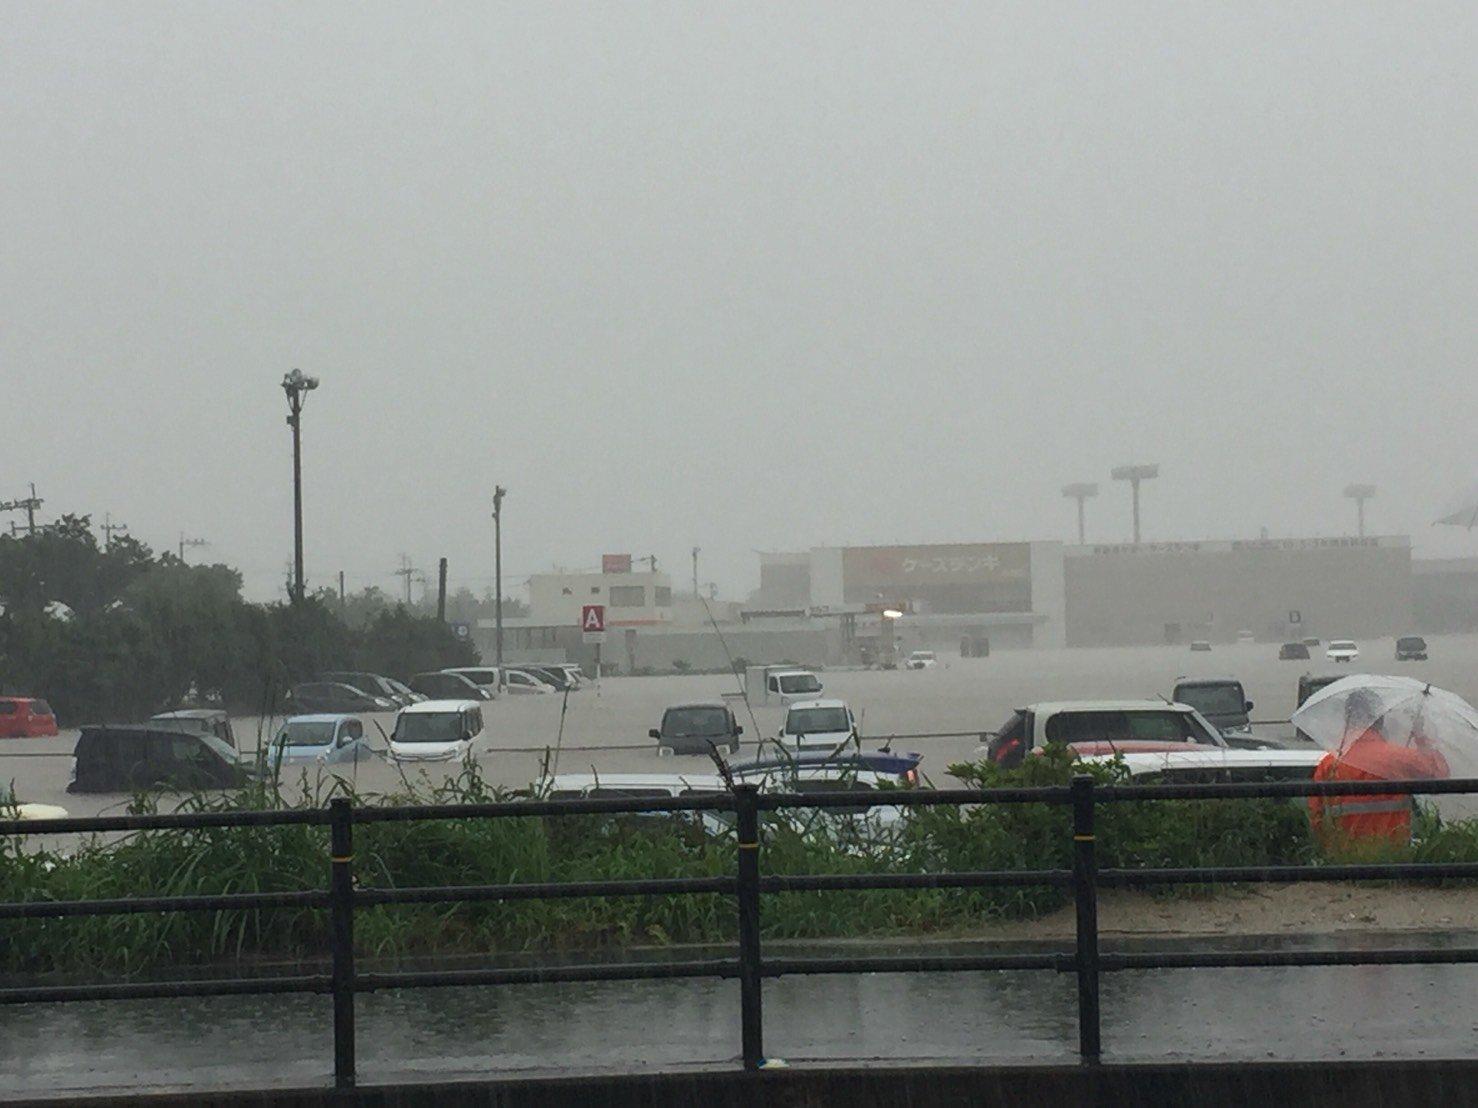 画像,小郡イオン浸水しとるー https://t.co/RJbjDMMlIb。